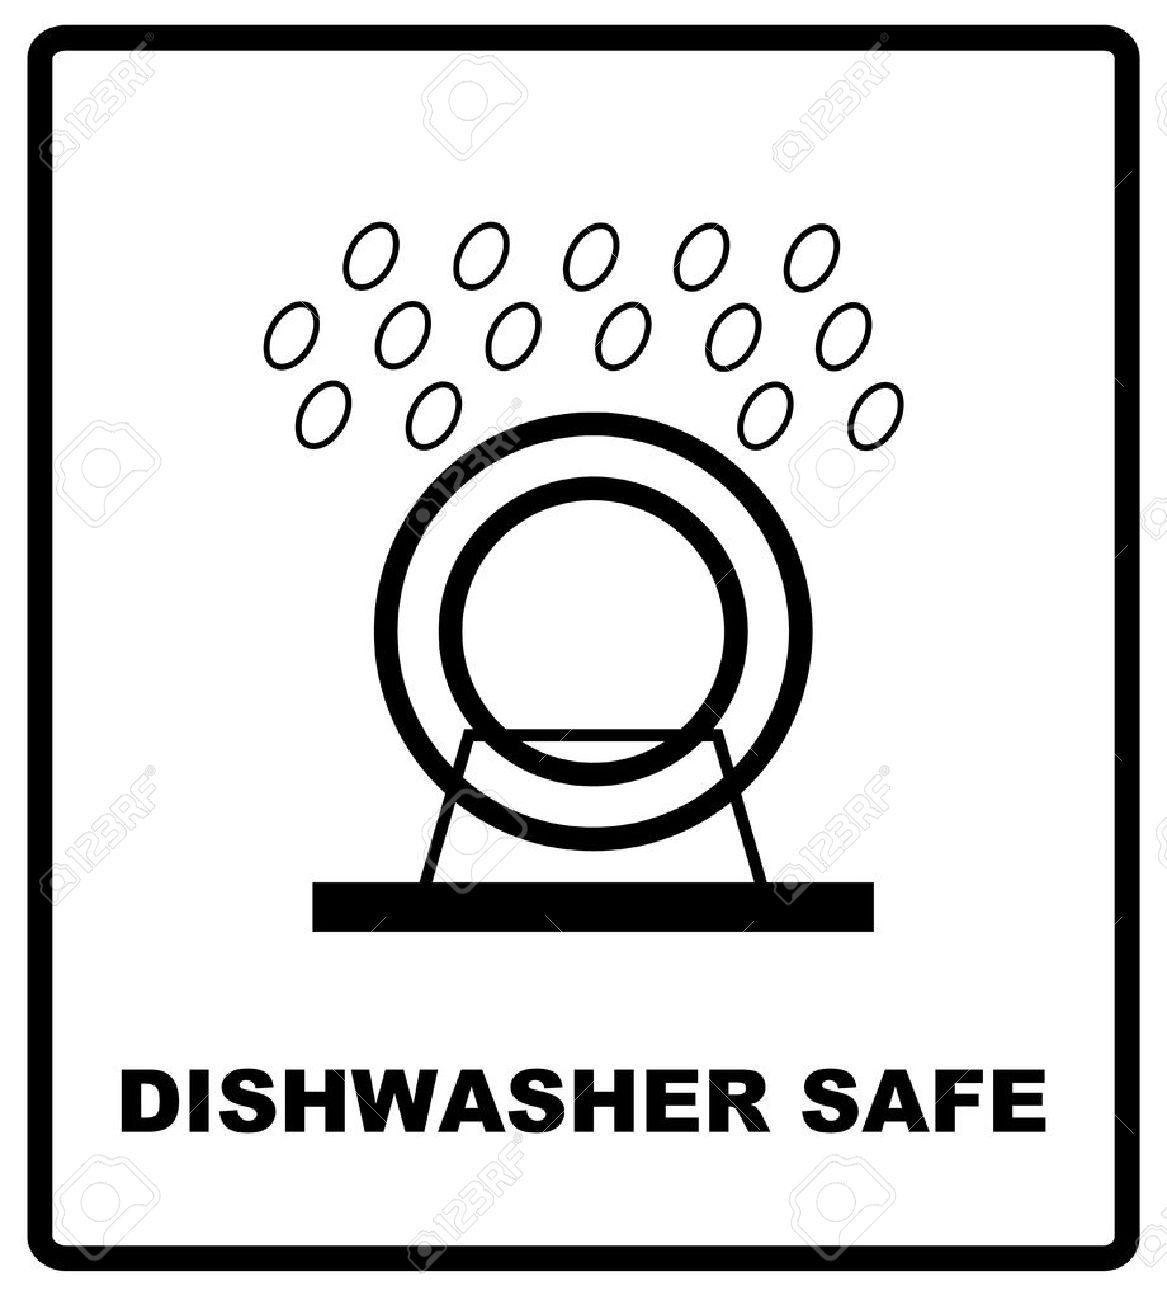 dishwasher safe symbol isolated